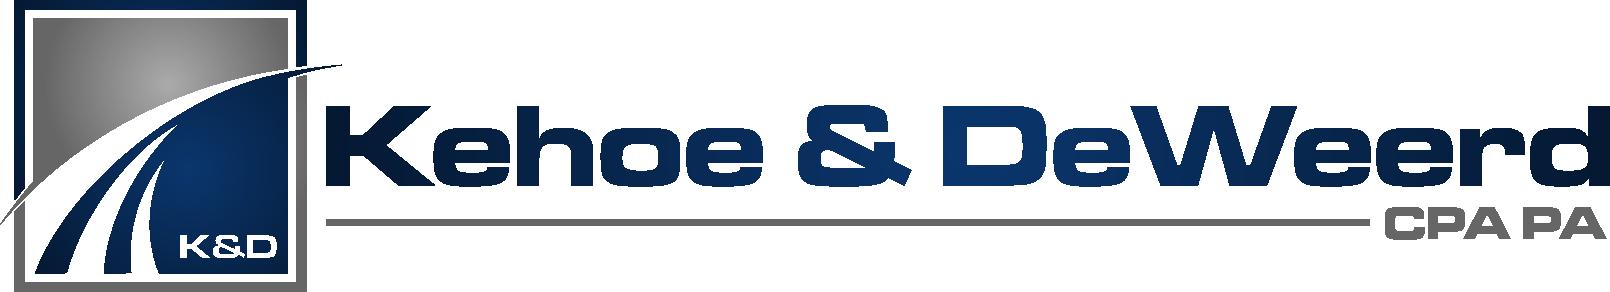 Kehoe & DeWeerd CPA